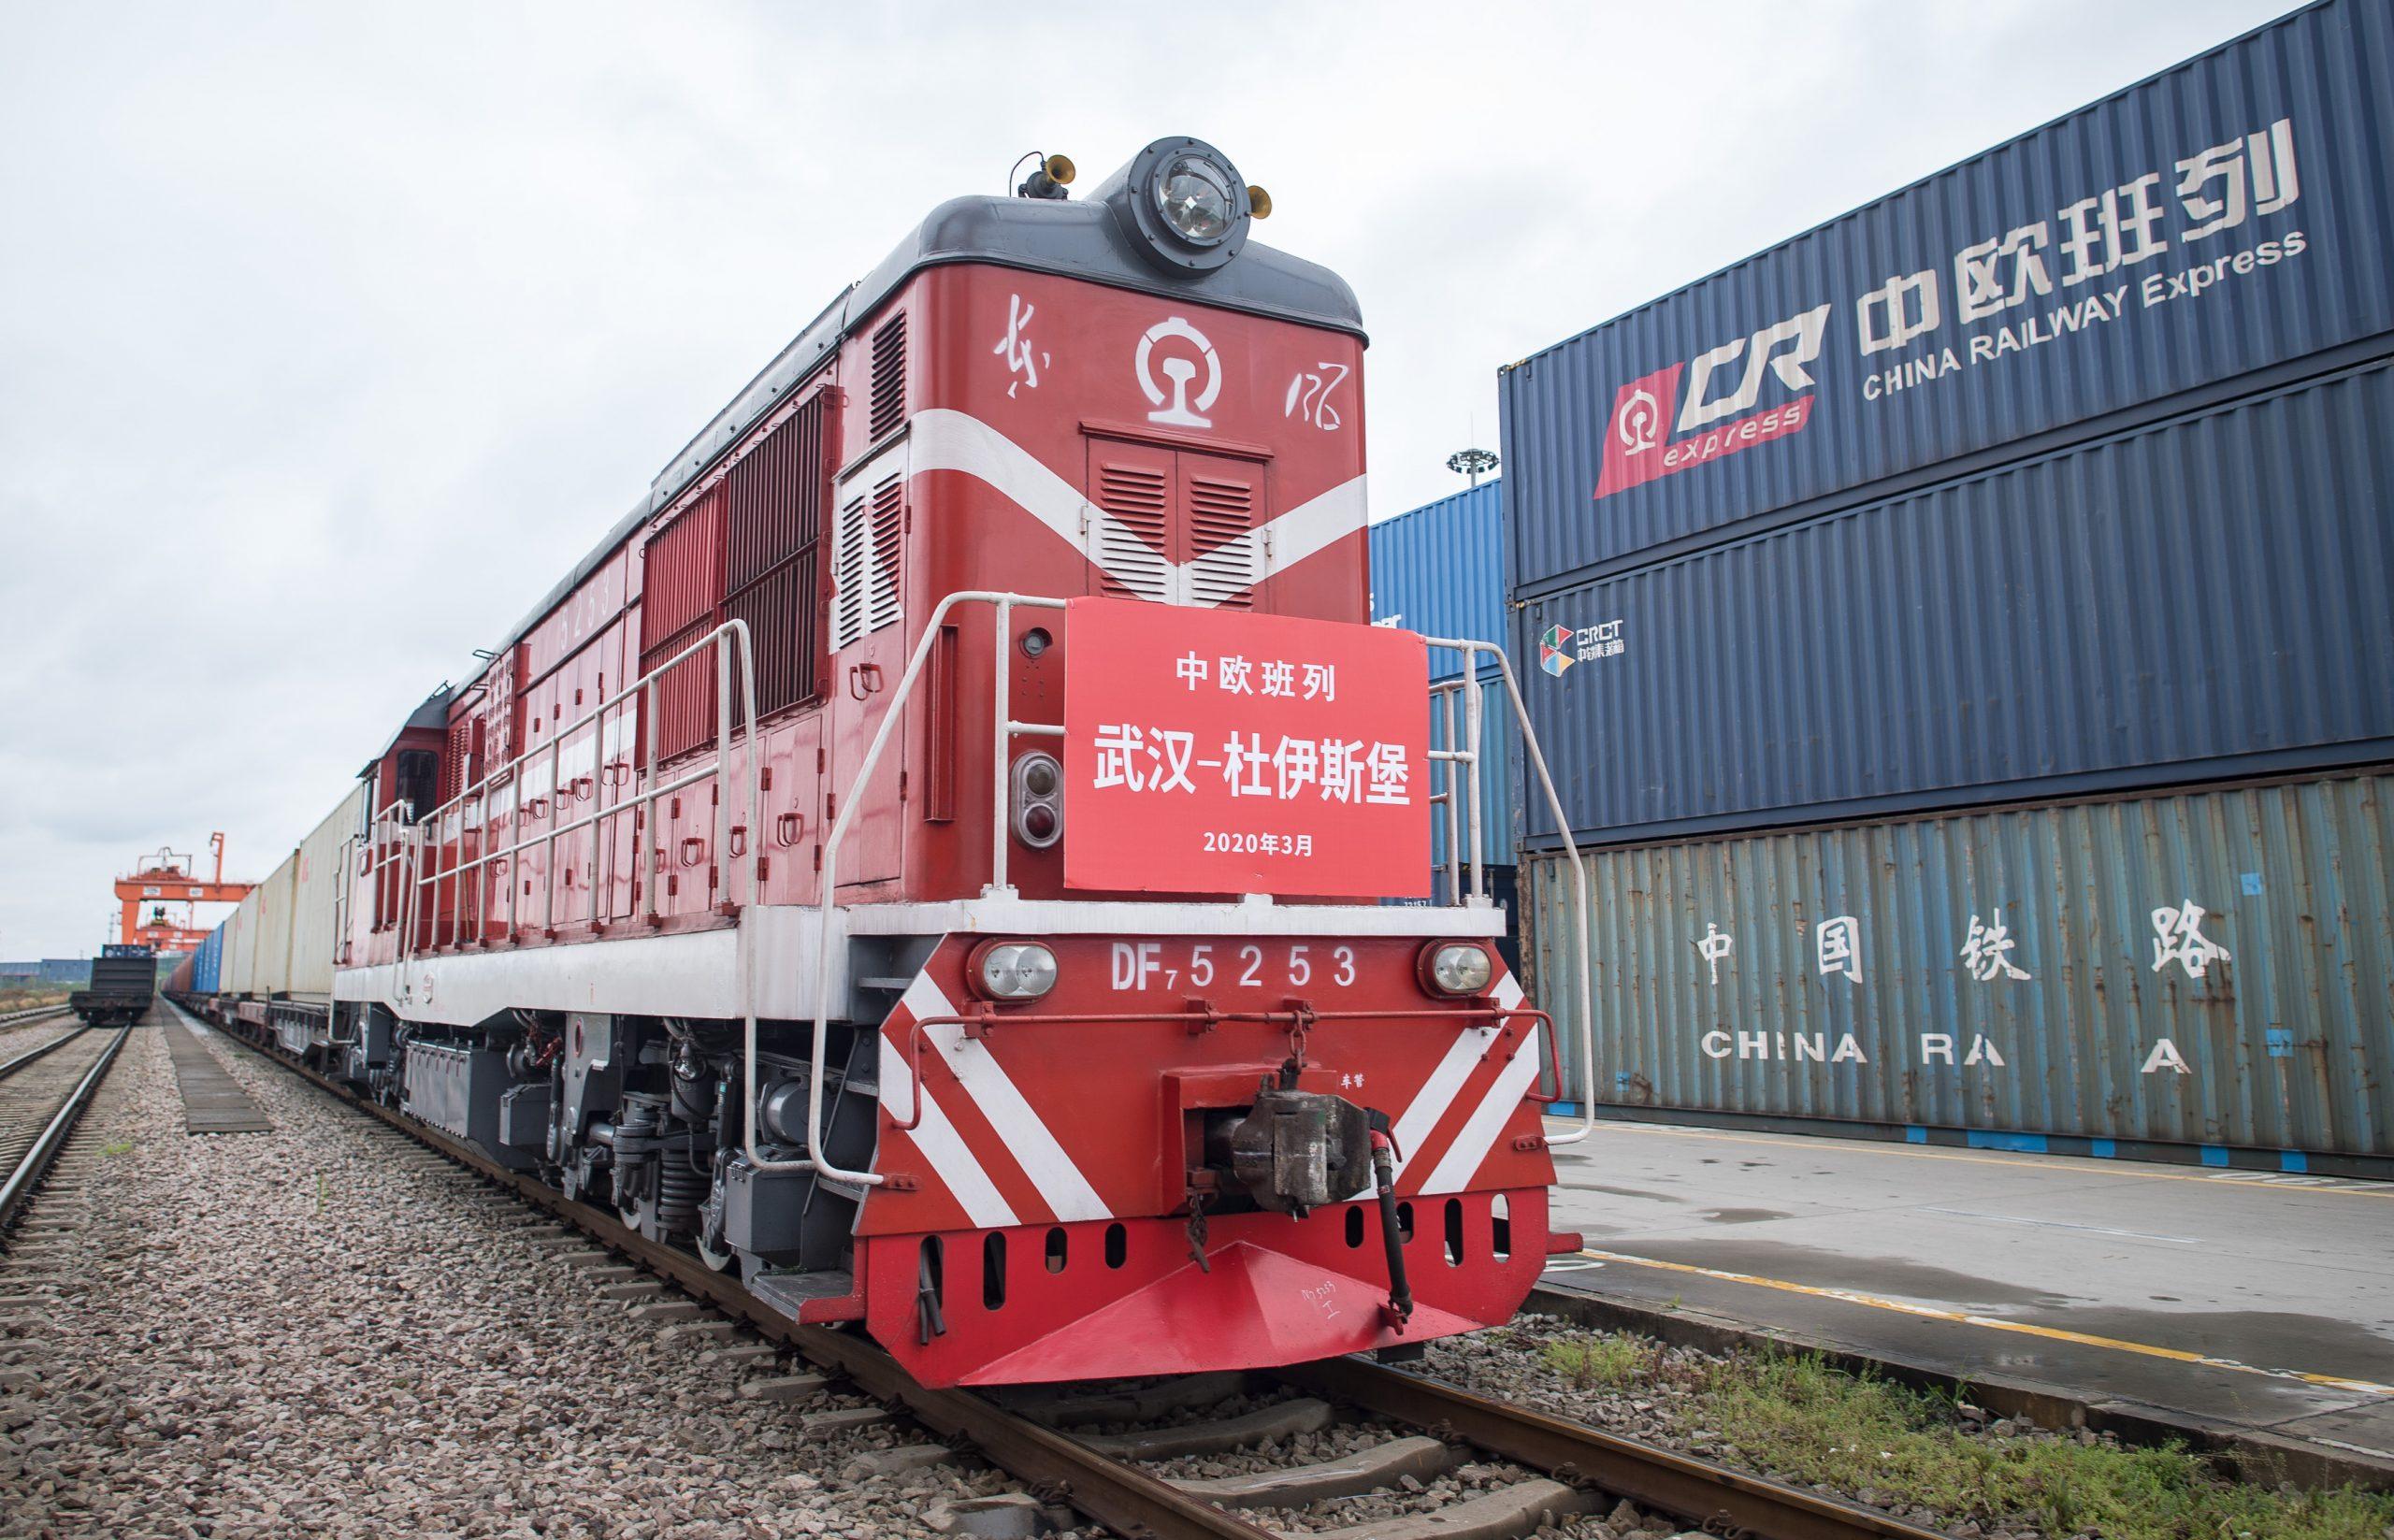 Китай наращивает железнодорожный трафик в Европу 3